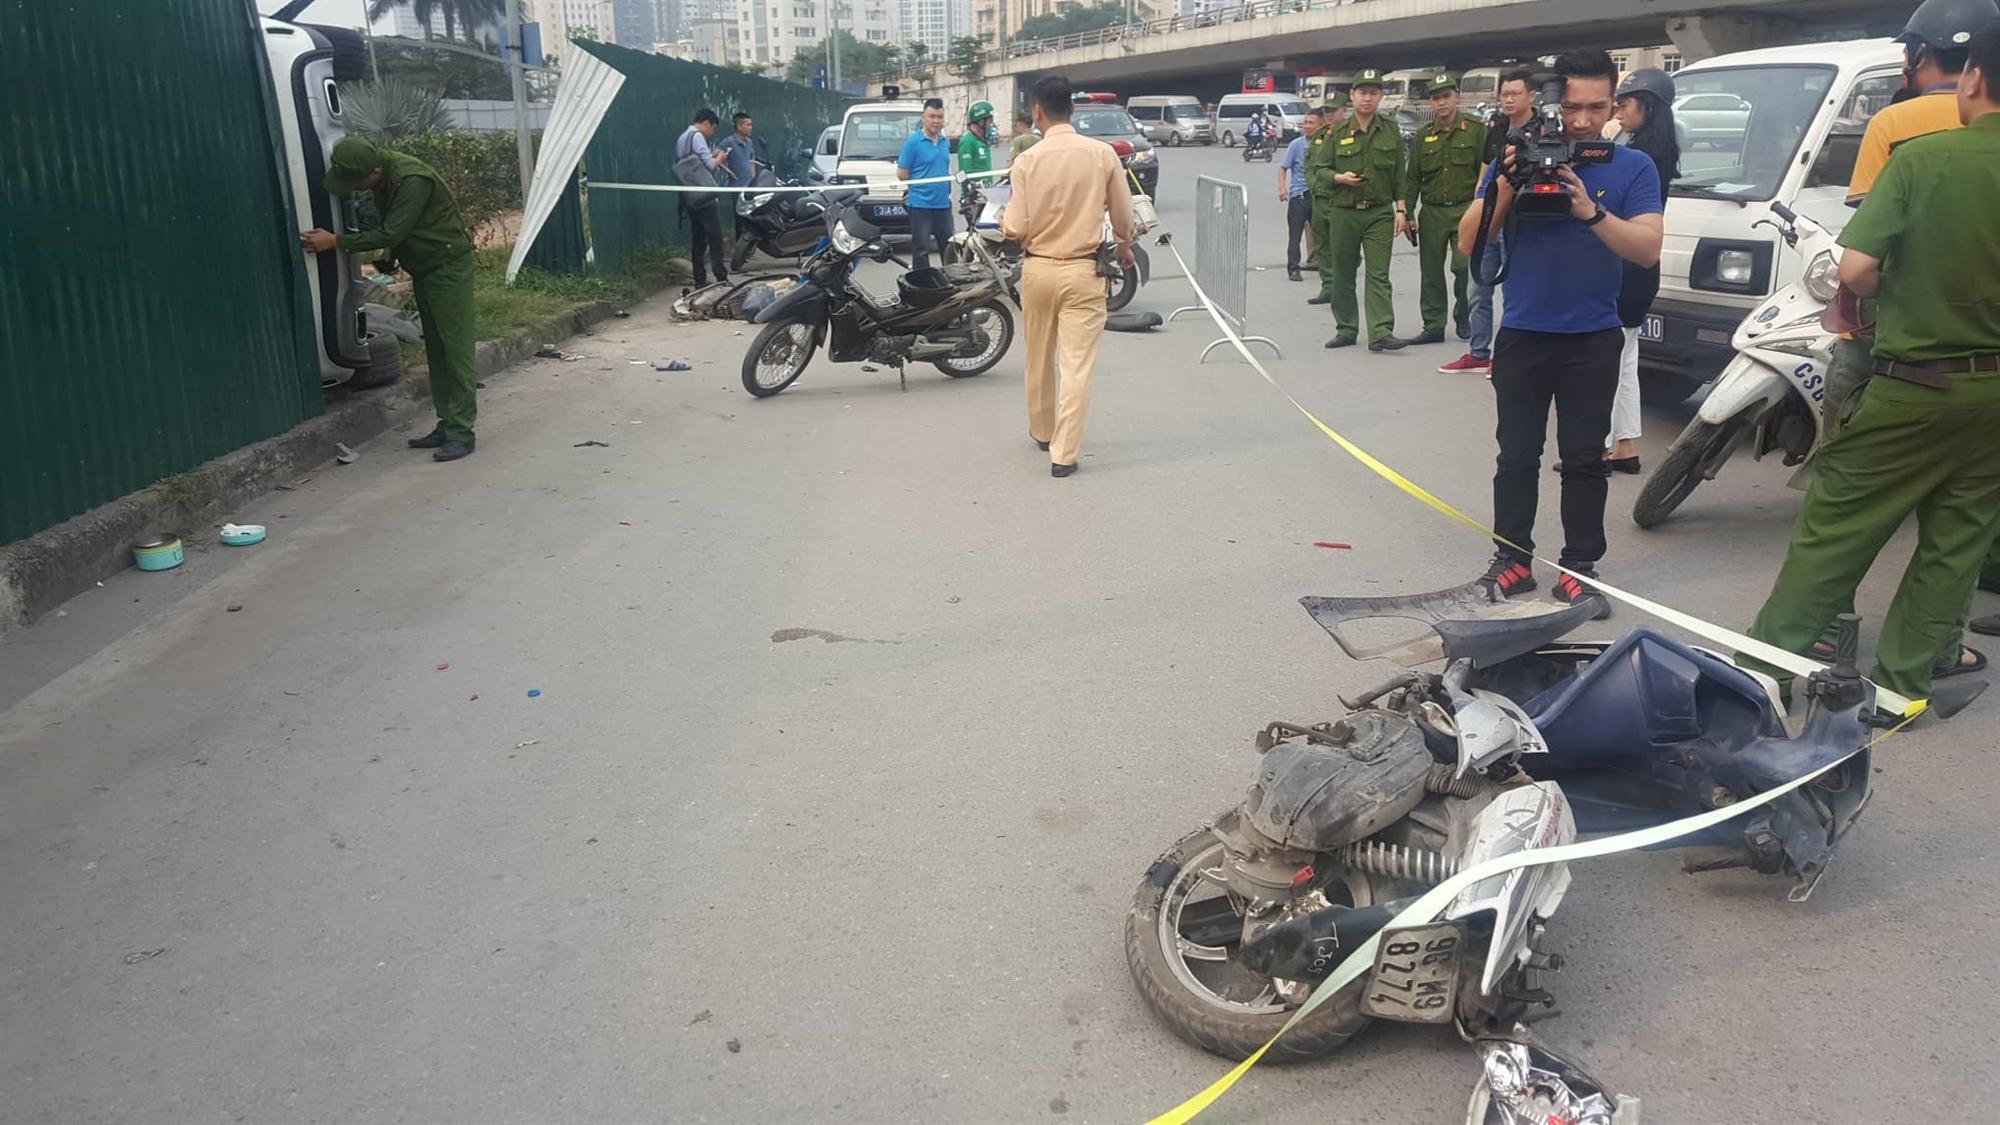 Danh tính nữ tài xế Mercedes mất lái đâm hàng loạt xe máy khiến 3 nạn nhân bị thương, nhiều người hoảng loạn-1